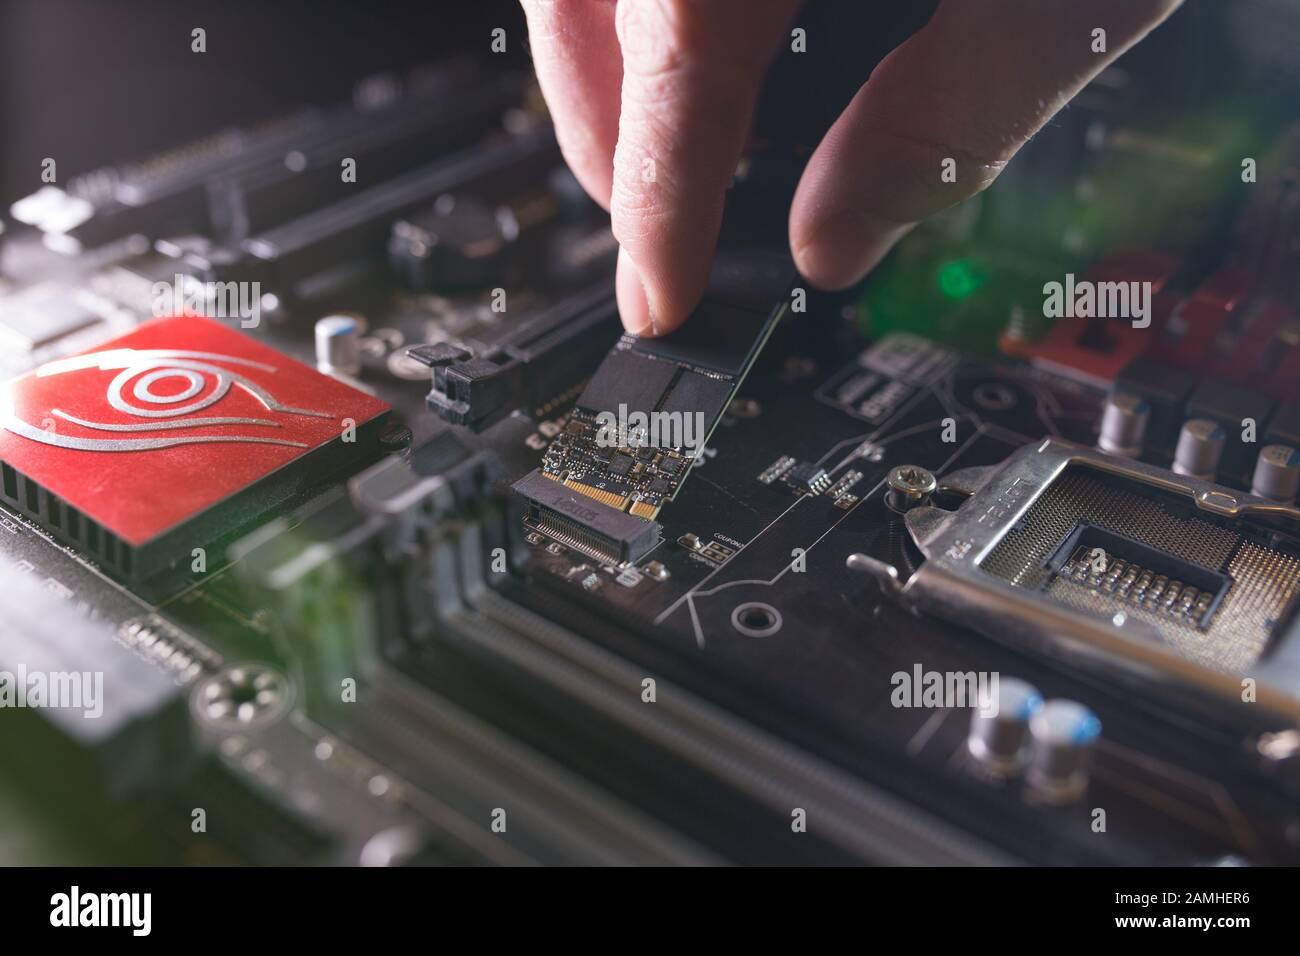 Concentrez-vous sur l'emplacement SSD, tapez M.2 avec prise en charge de NVME, sur la carte mère de l'ordinateur. Le technicien installe un nouveau disque rapide haute capacité avec puces flash Banque D'Images